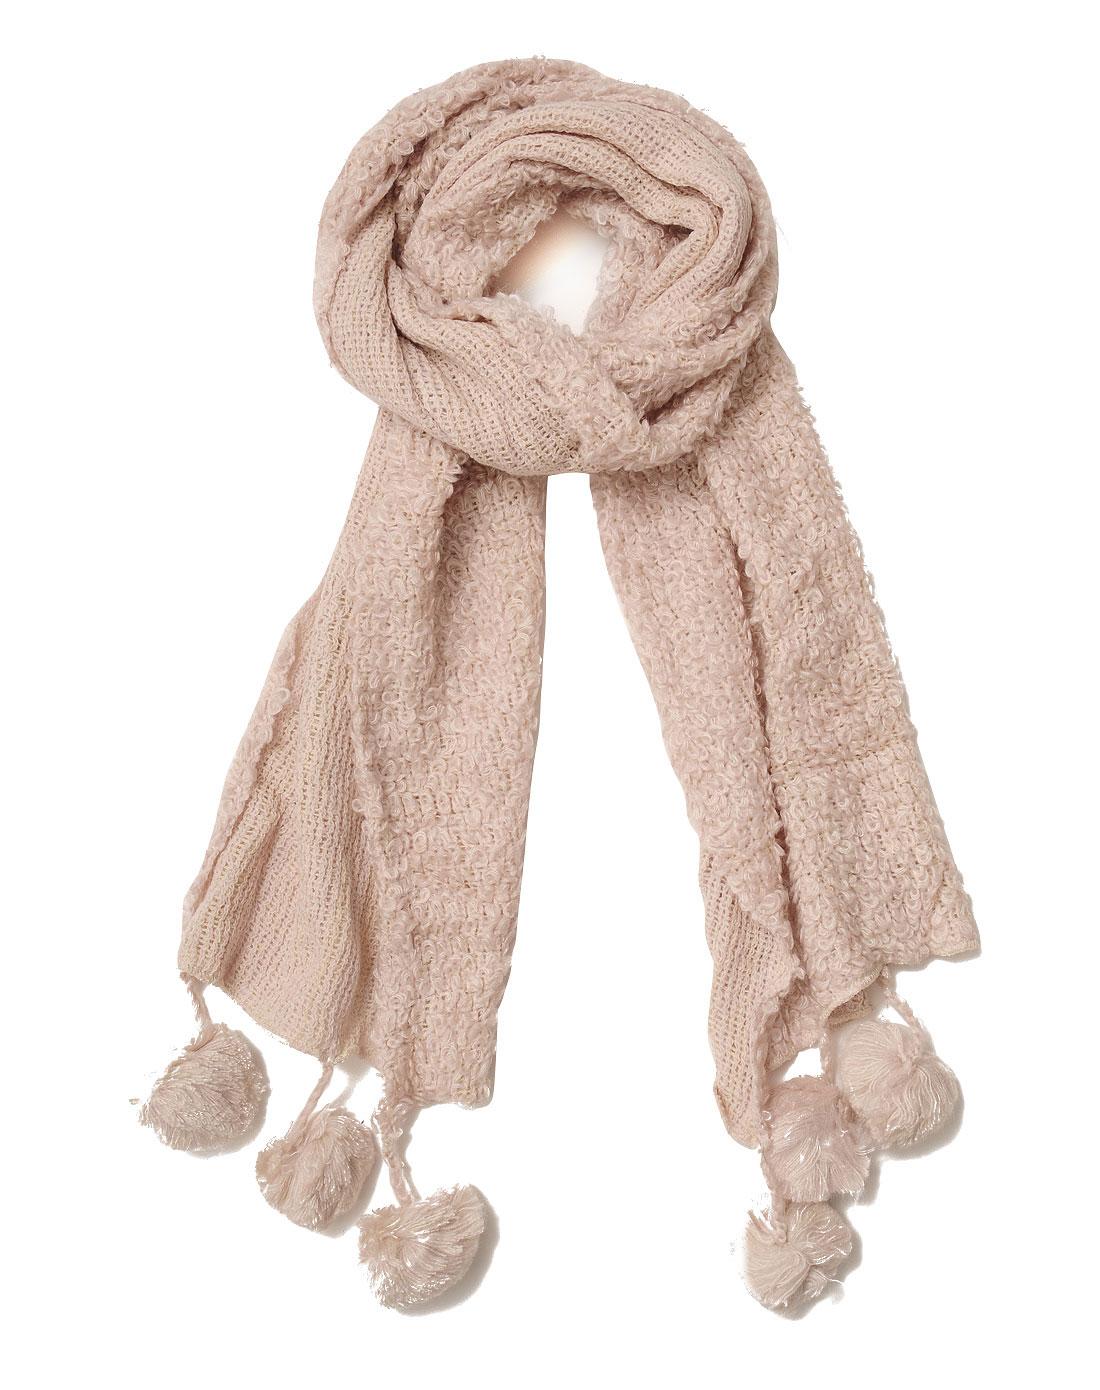 慕黛希尔配件专场女款米色毛毛球围巾047328